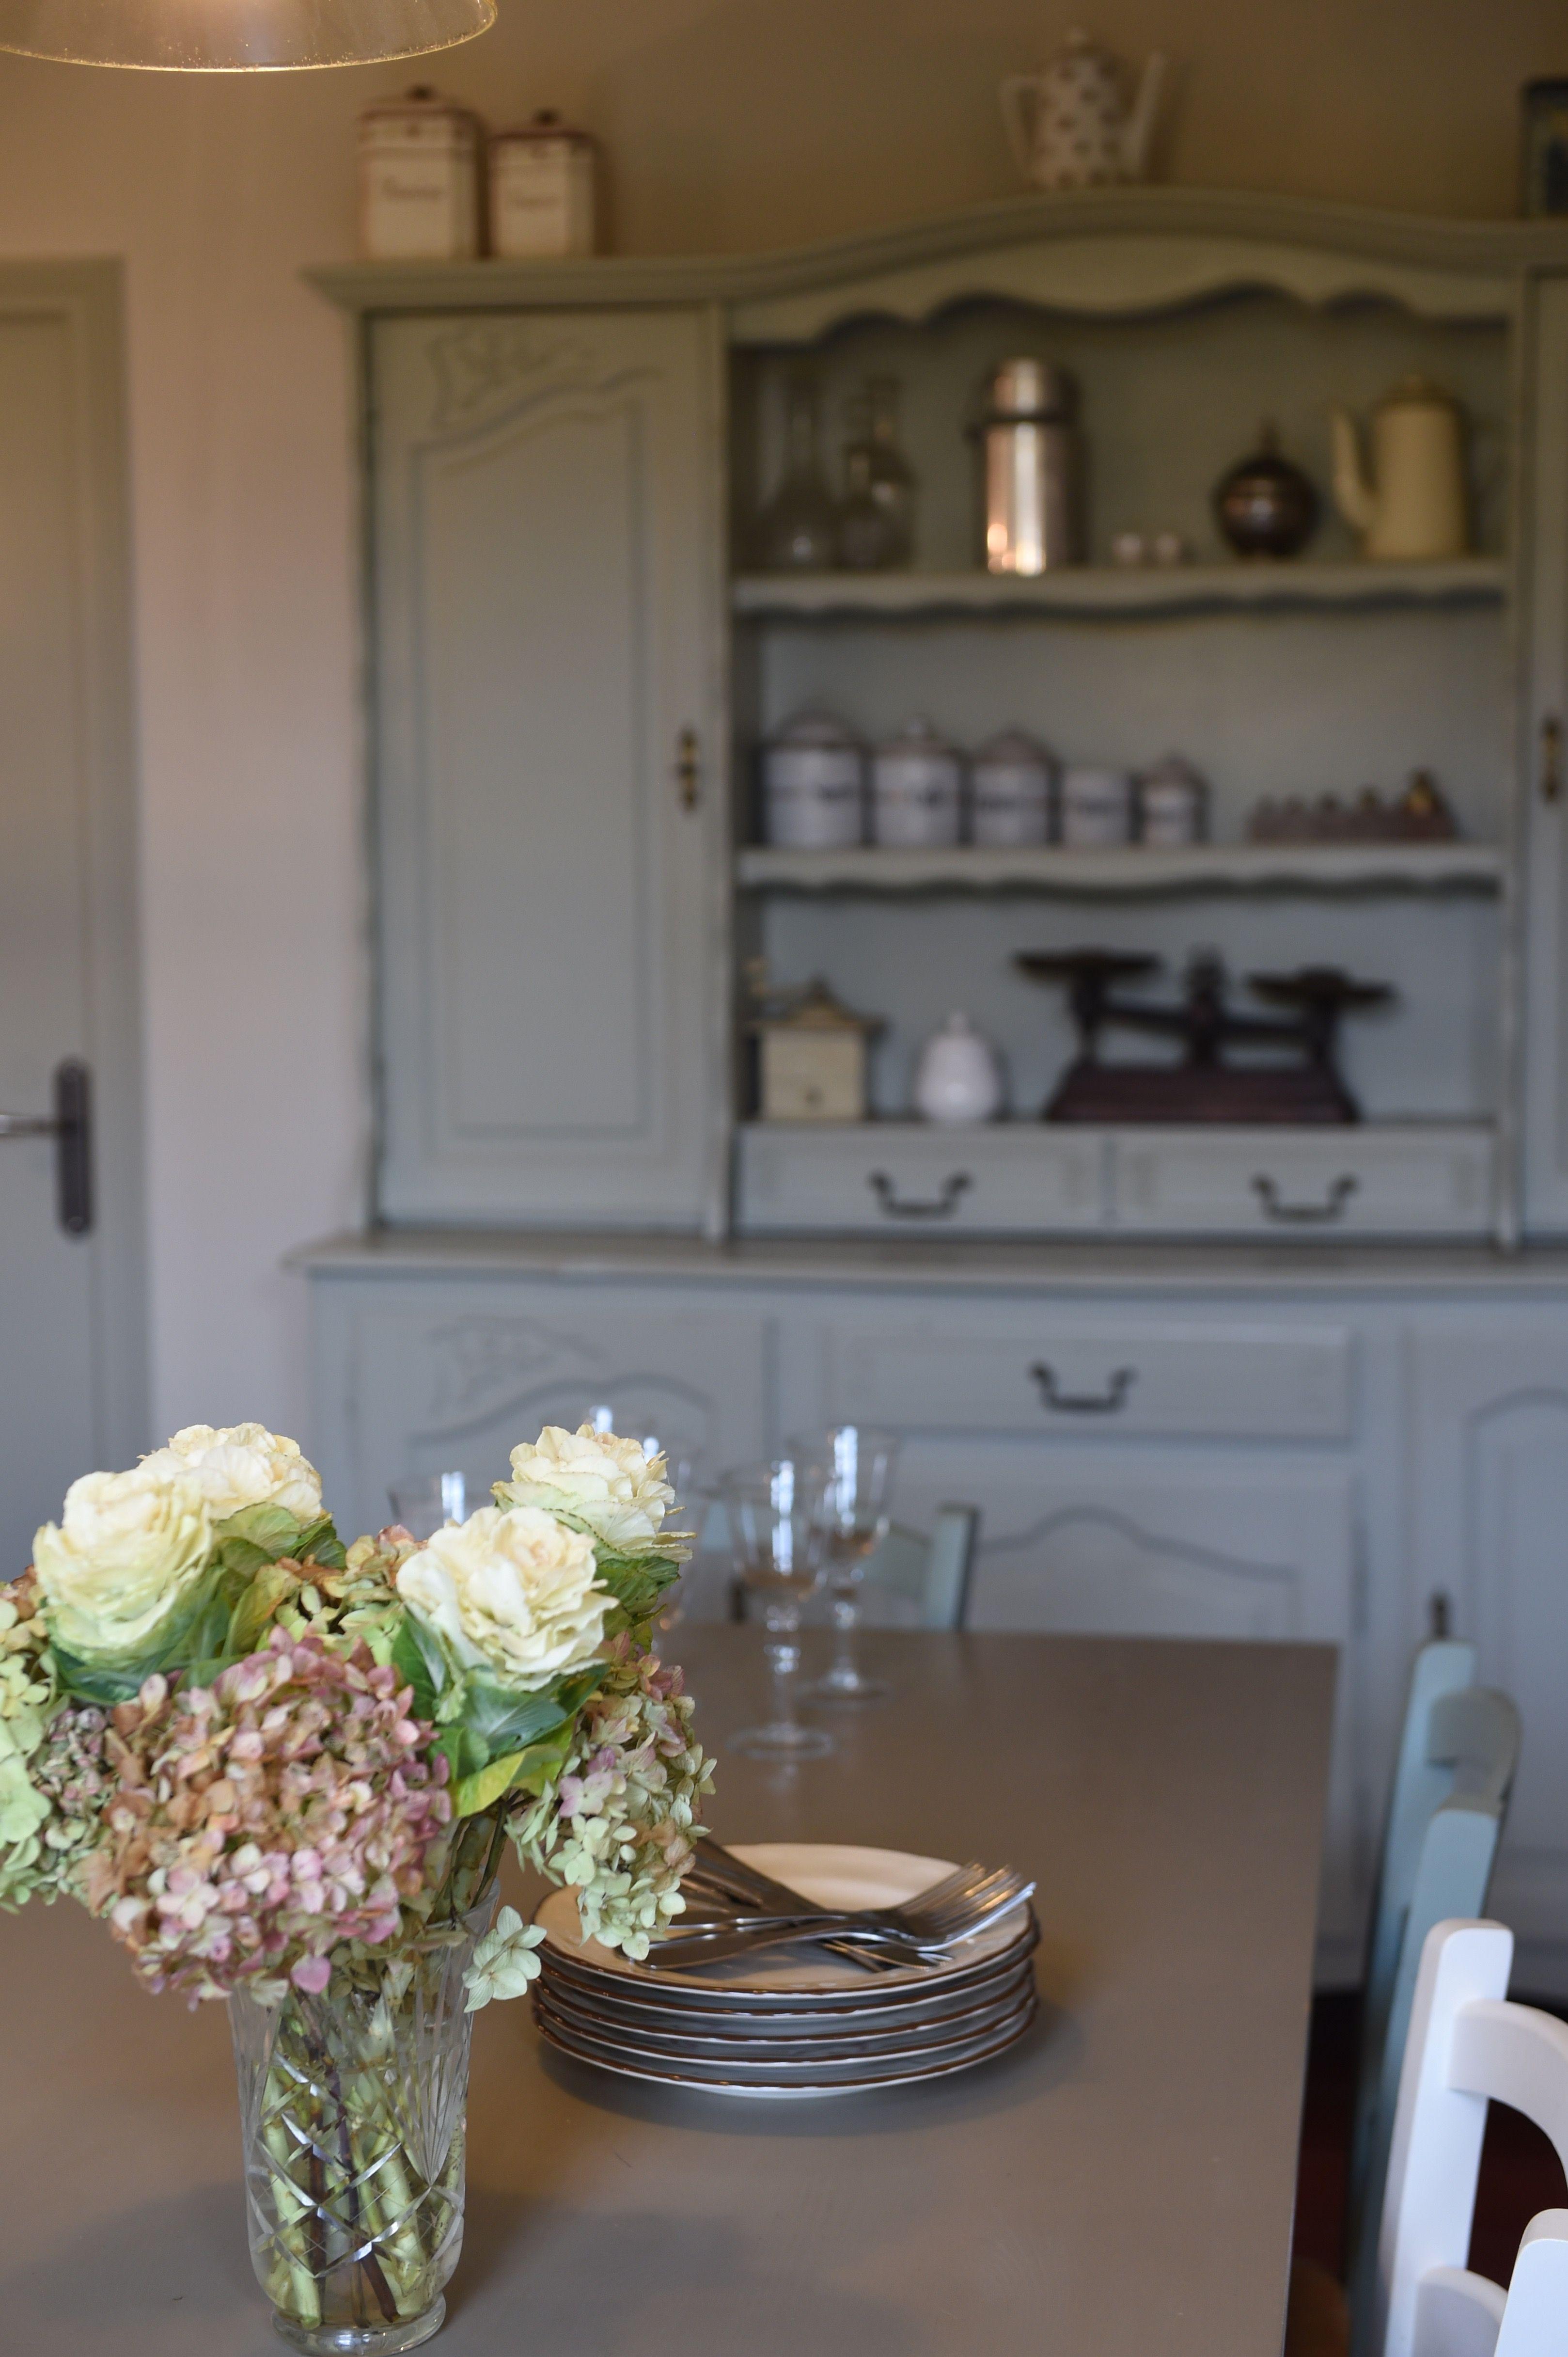 cuisine de charme dans une maison de famille normande | Maison normande, Maison de famille ...